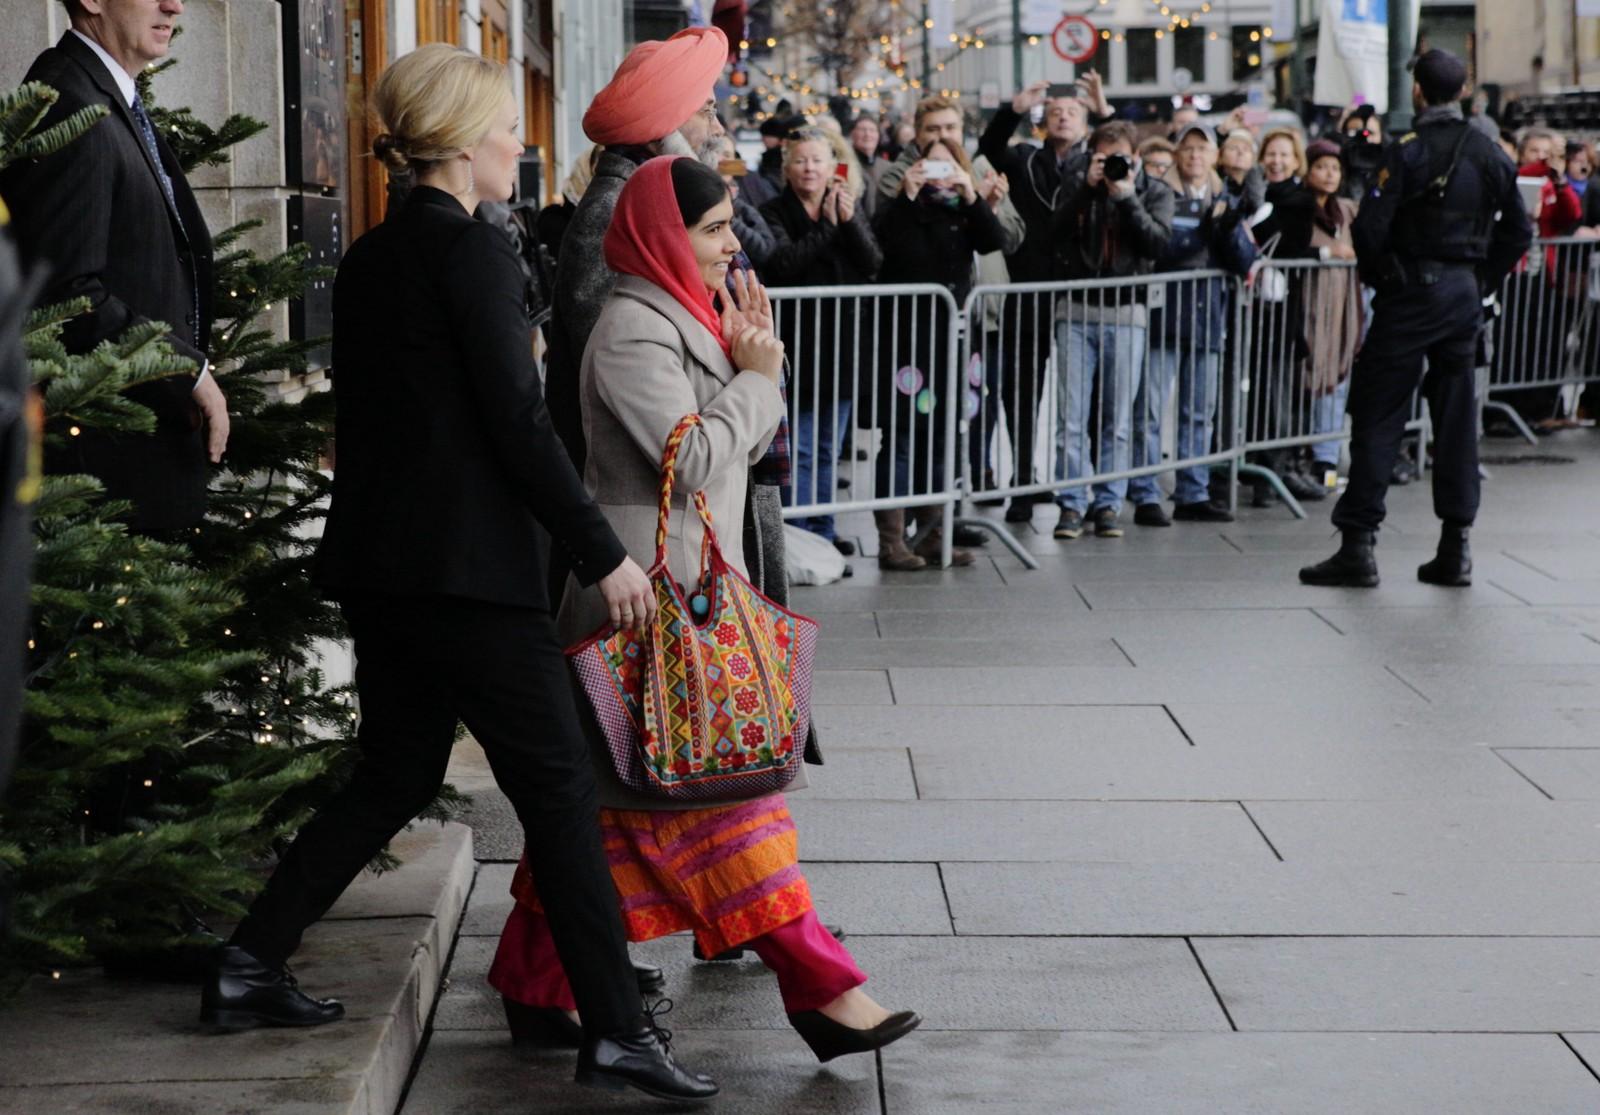 PÅ VEI TIL FESTEN: Malala Yousafzai og Kailash Satyarthi forlater Grand hotell onsdag formiddag.